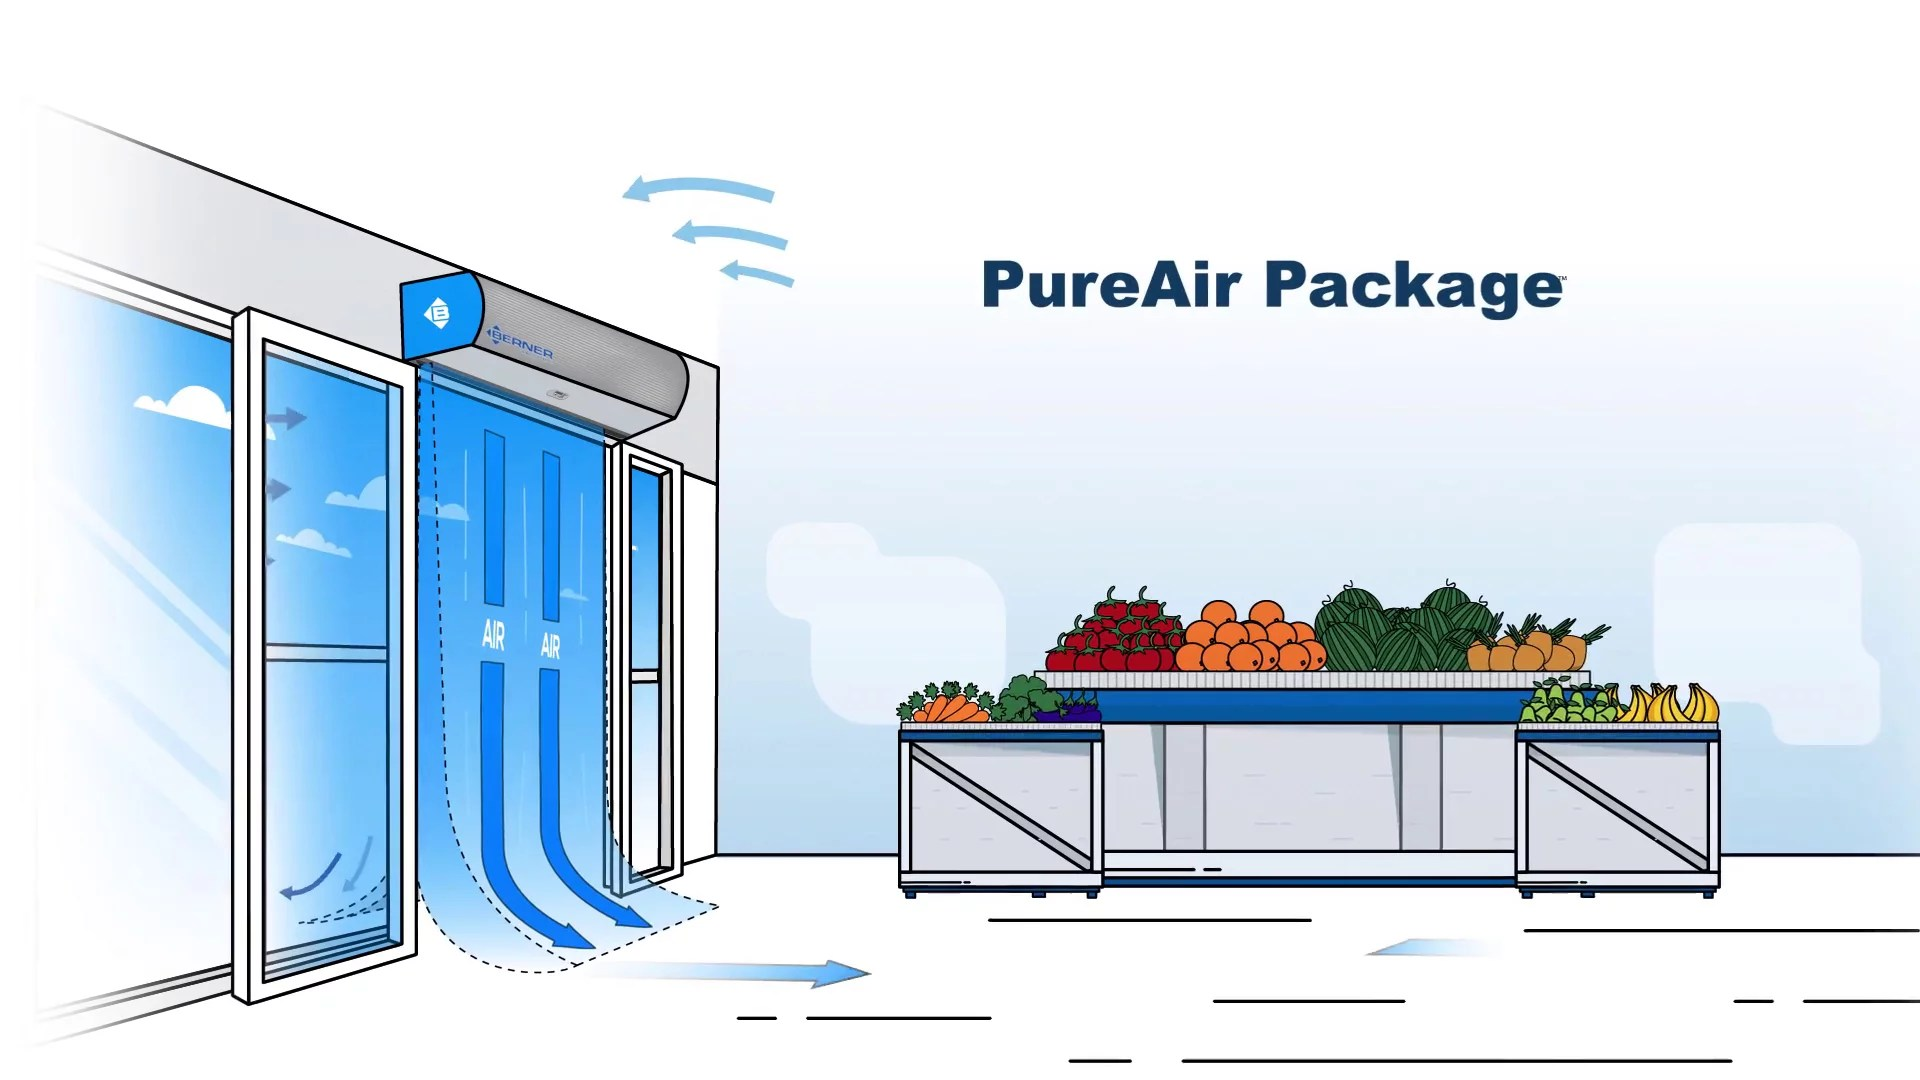 berner pureair package npbi loop homepage